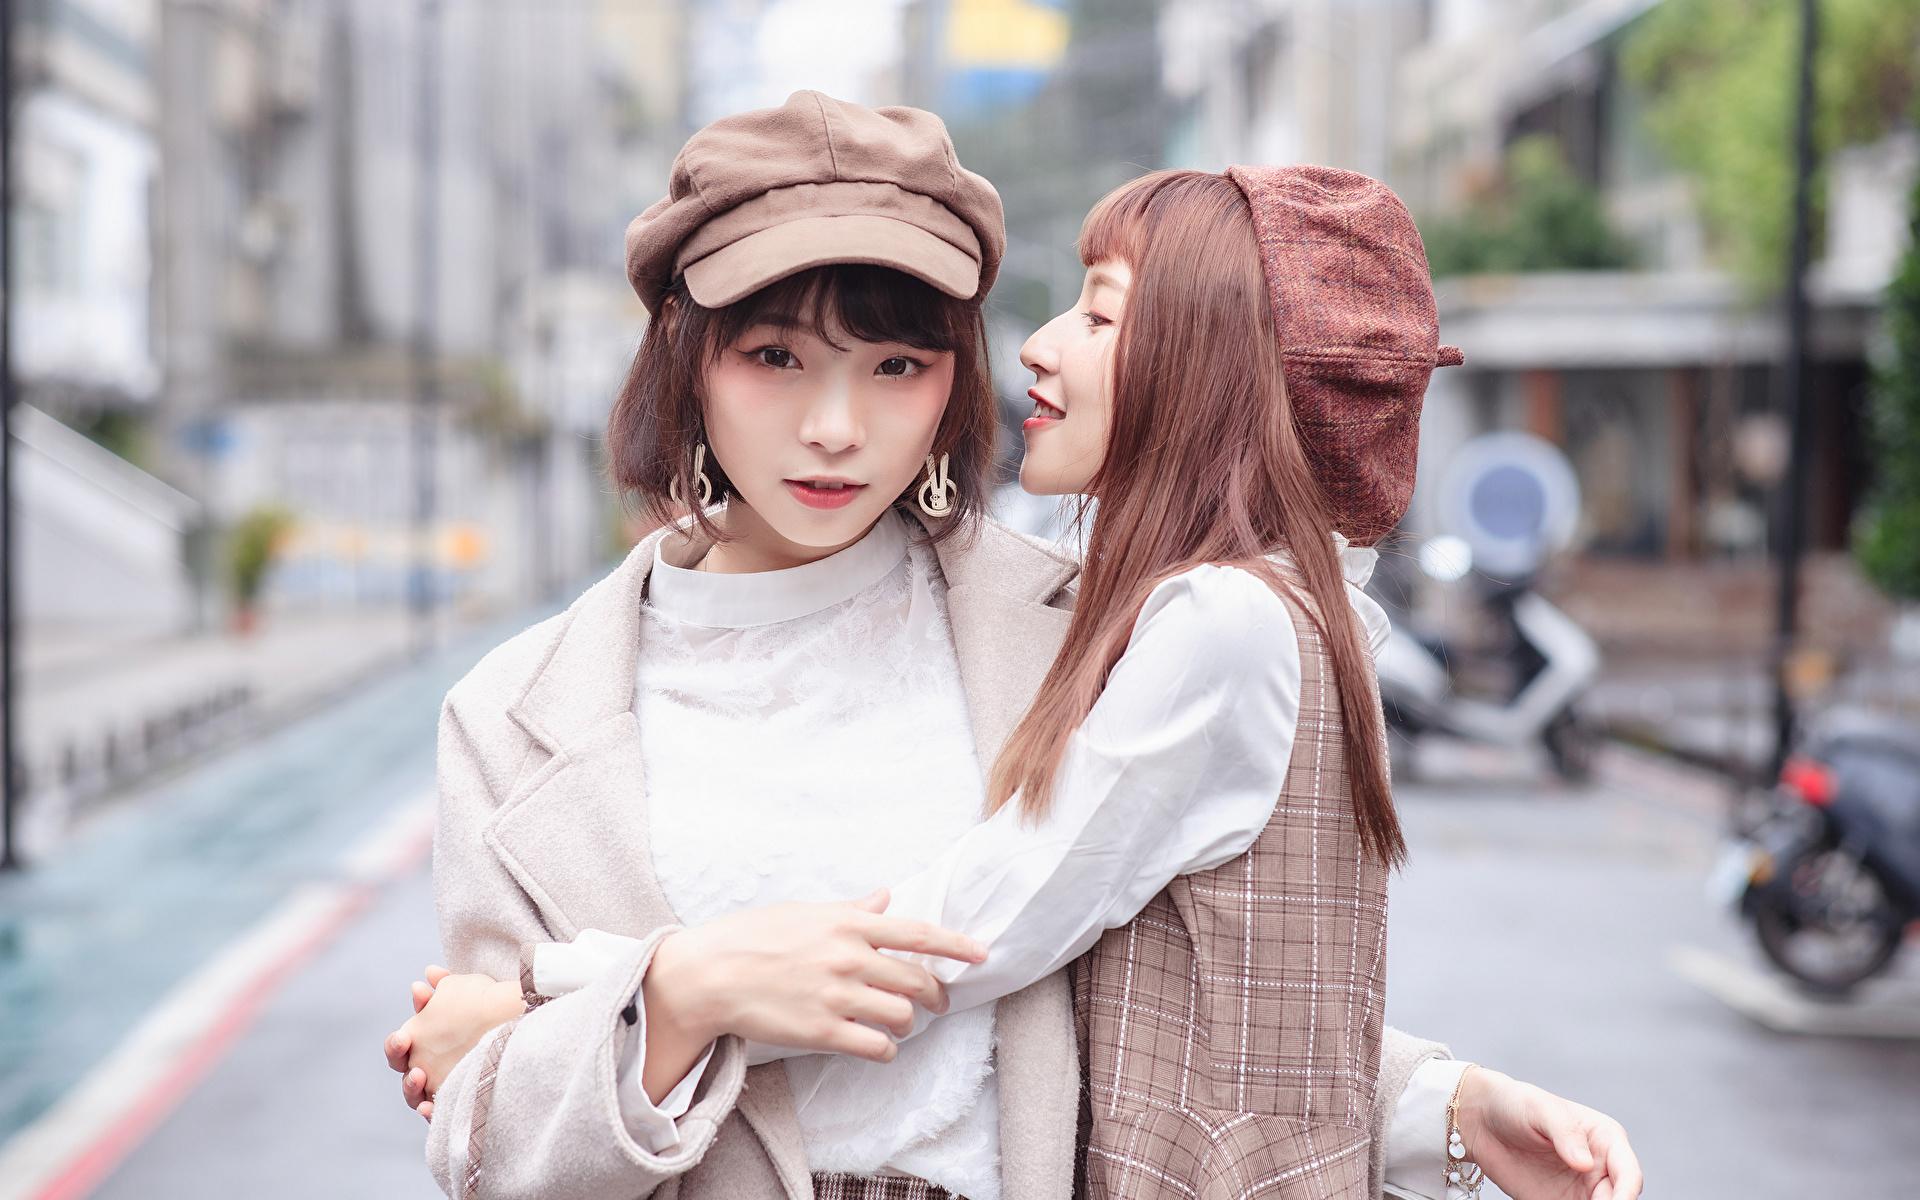 Achtergrond Bokeh Twee 2 Knuffelen jonge vrouw Aziaten Kijkt Baseballpet 1920x1200 onscherpe achtergrond knuffel knuffelt omhelzing Jonge vrouwen aziatisch